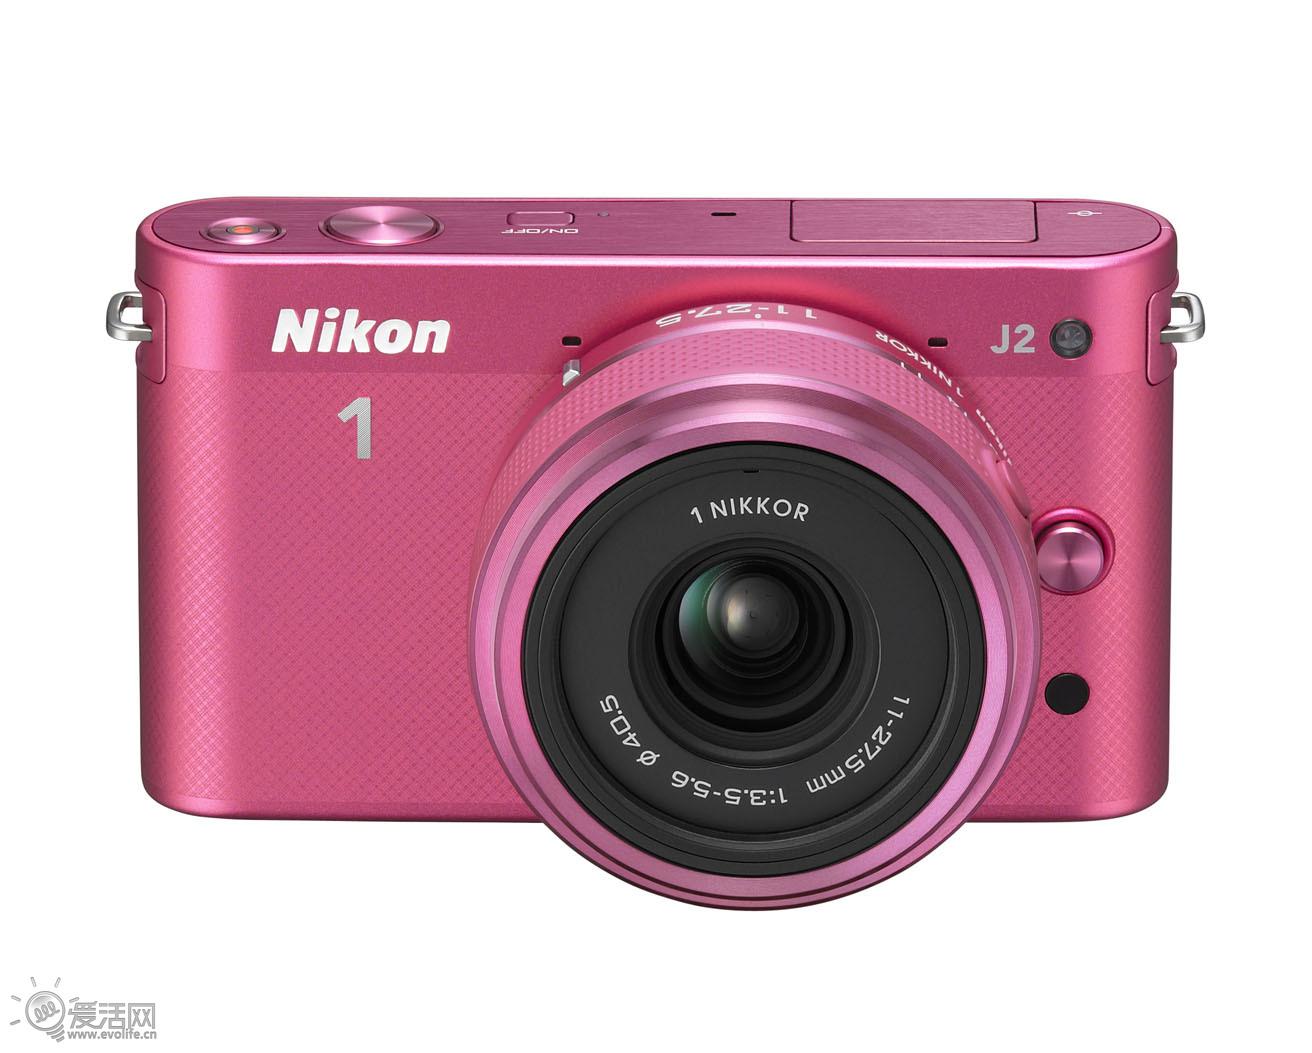 尼康 黑色/量多是王道:尼康正式宣布J2微单相机价格再降100美元